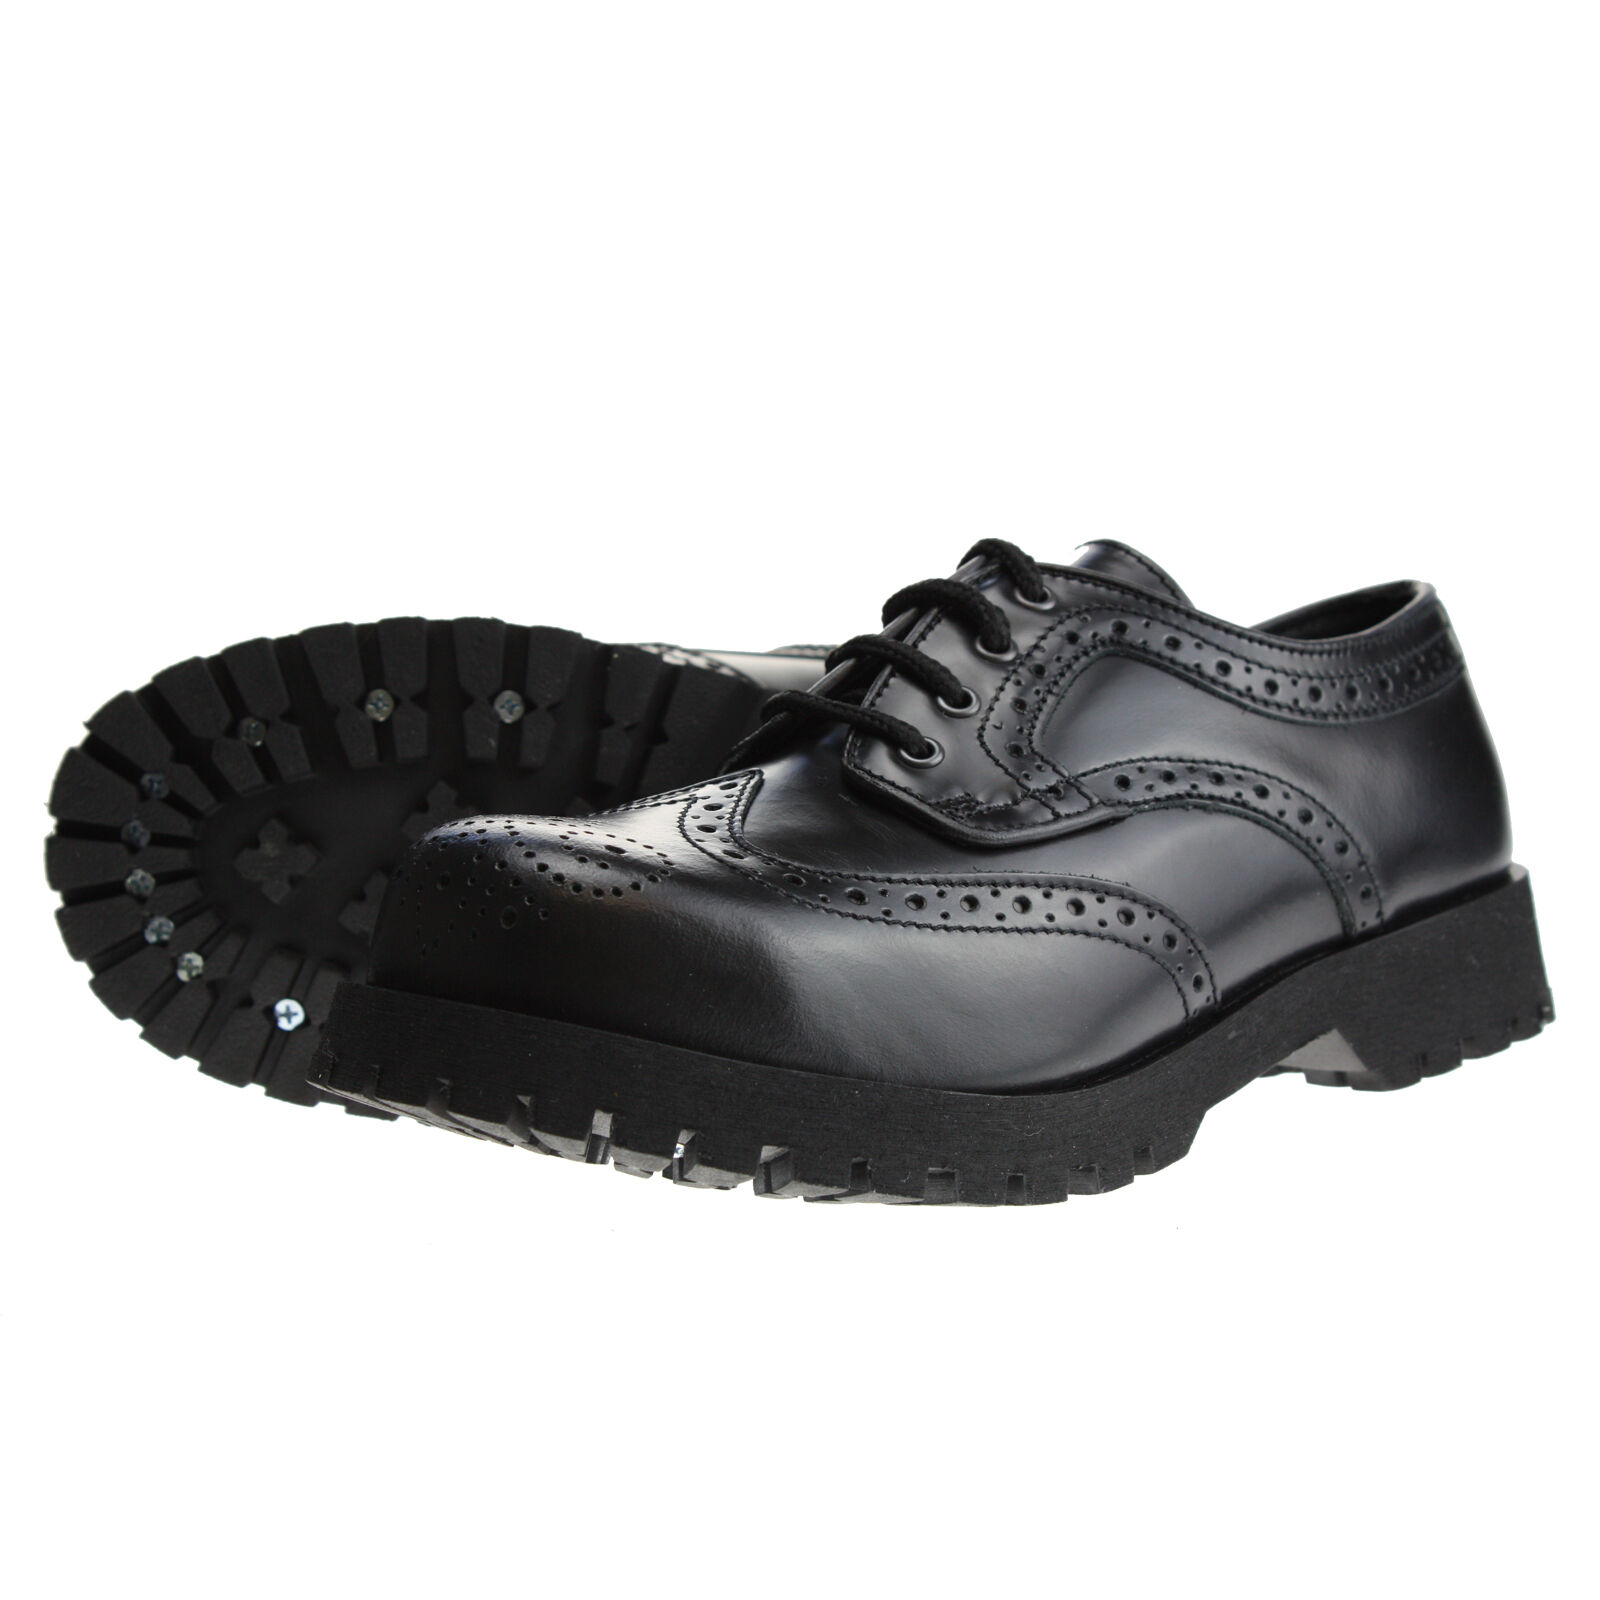 Bottes et bretelles 4-Loch richelieu Noir Rangers chaussures en cuir